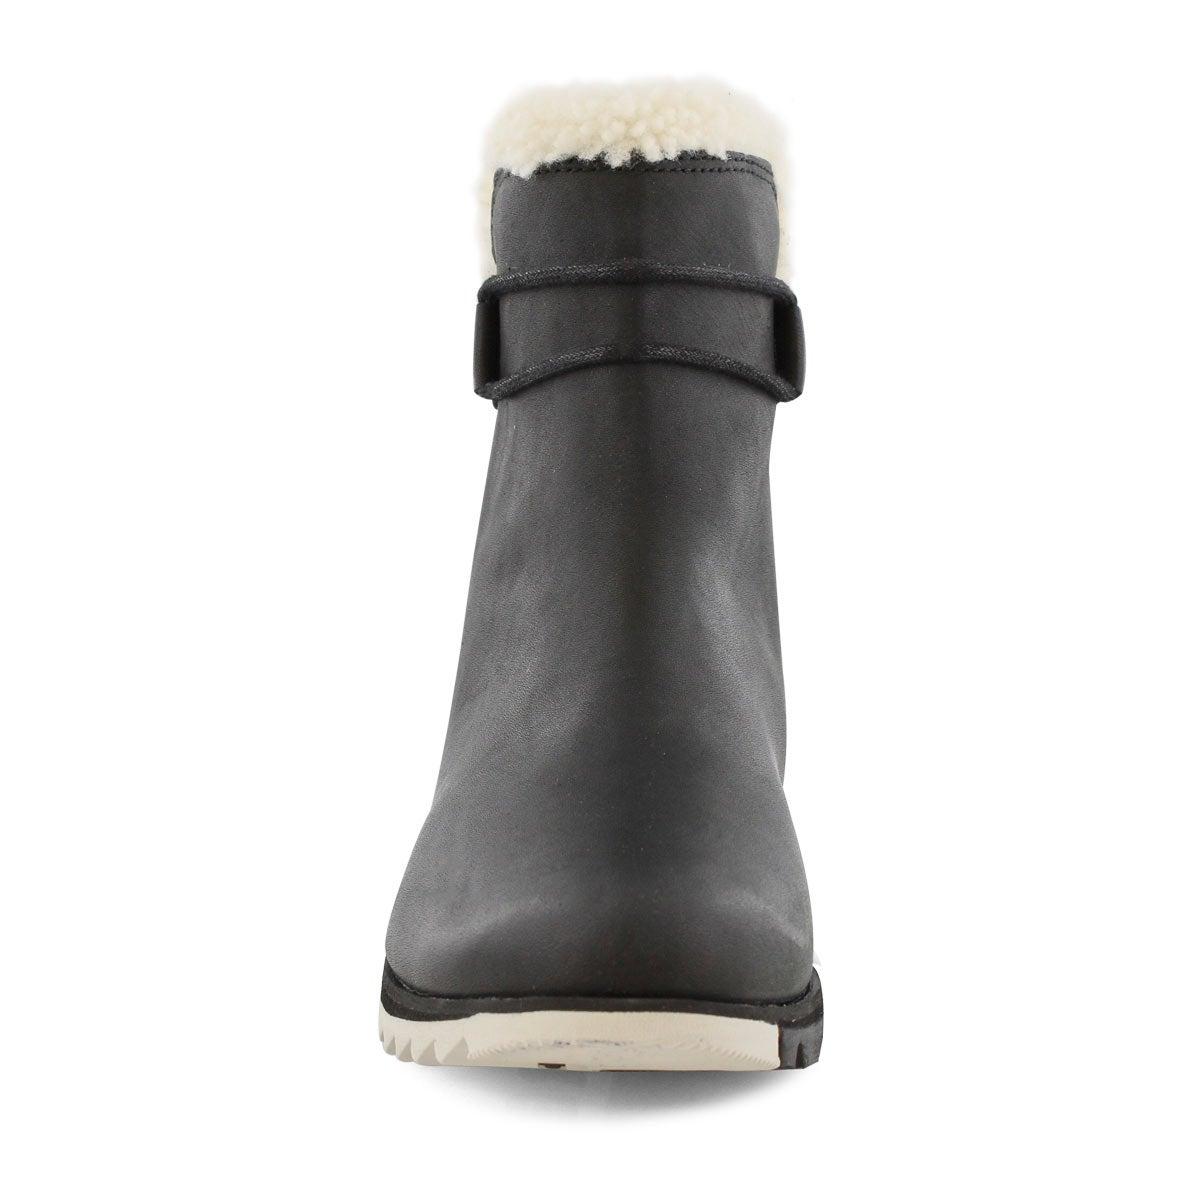 Lds Harlow Bootie Cozy black wtpf boot